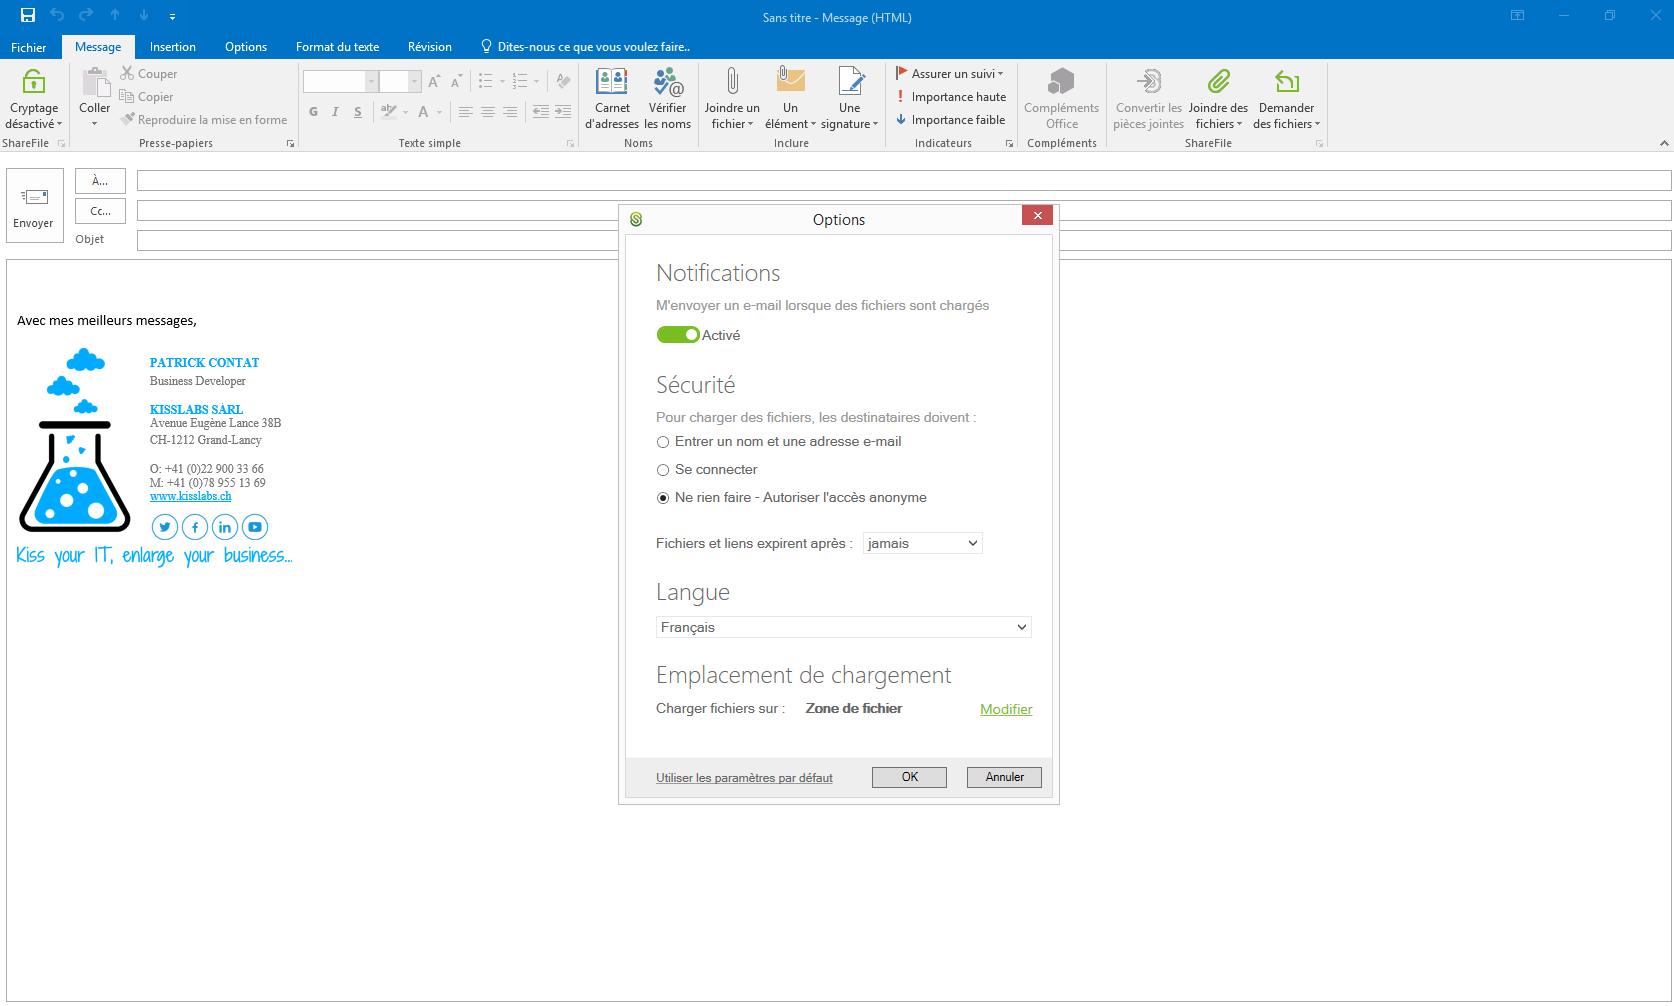 KissFile - Citrix ShareFile - Demande de fichier via Outlook paramètres